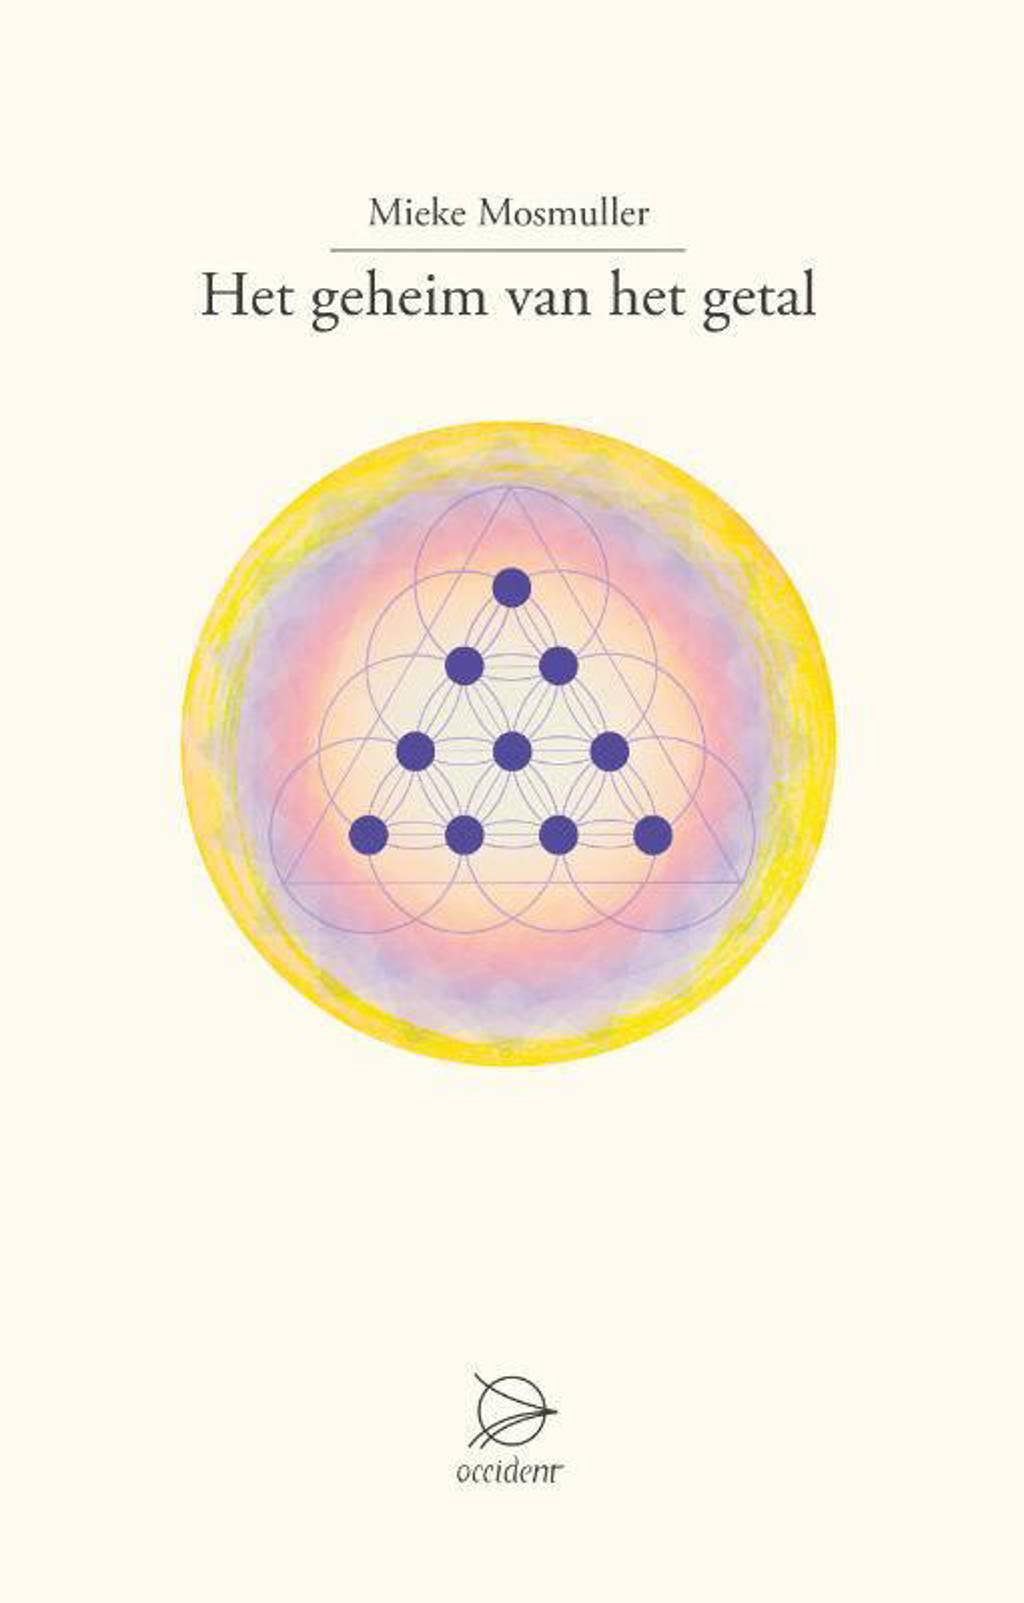 Het geheim van het getal - Mieke Mosmuller